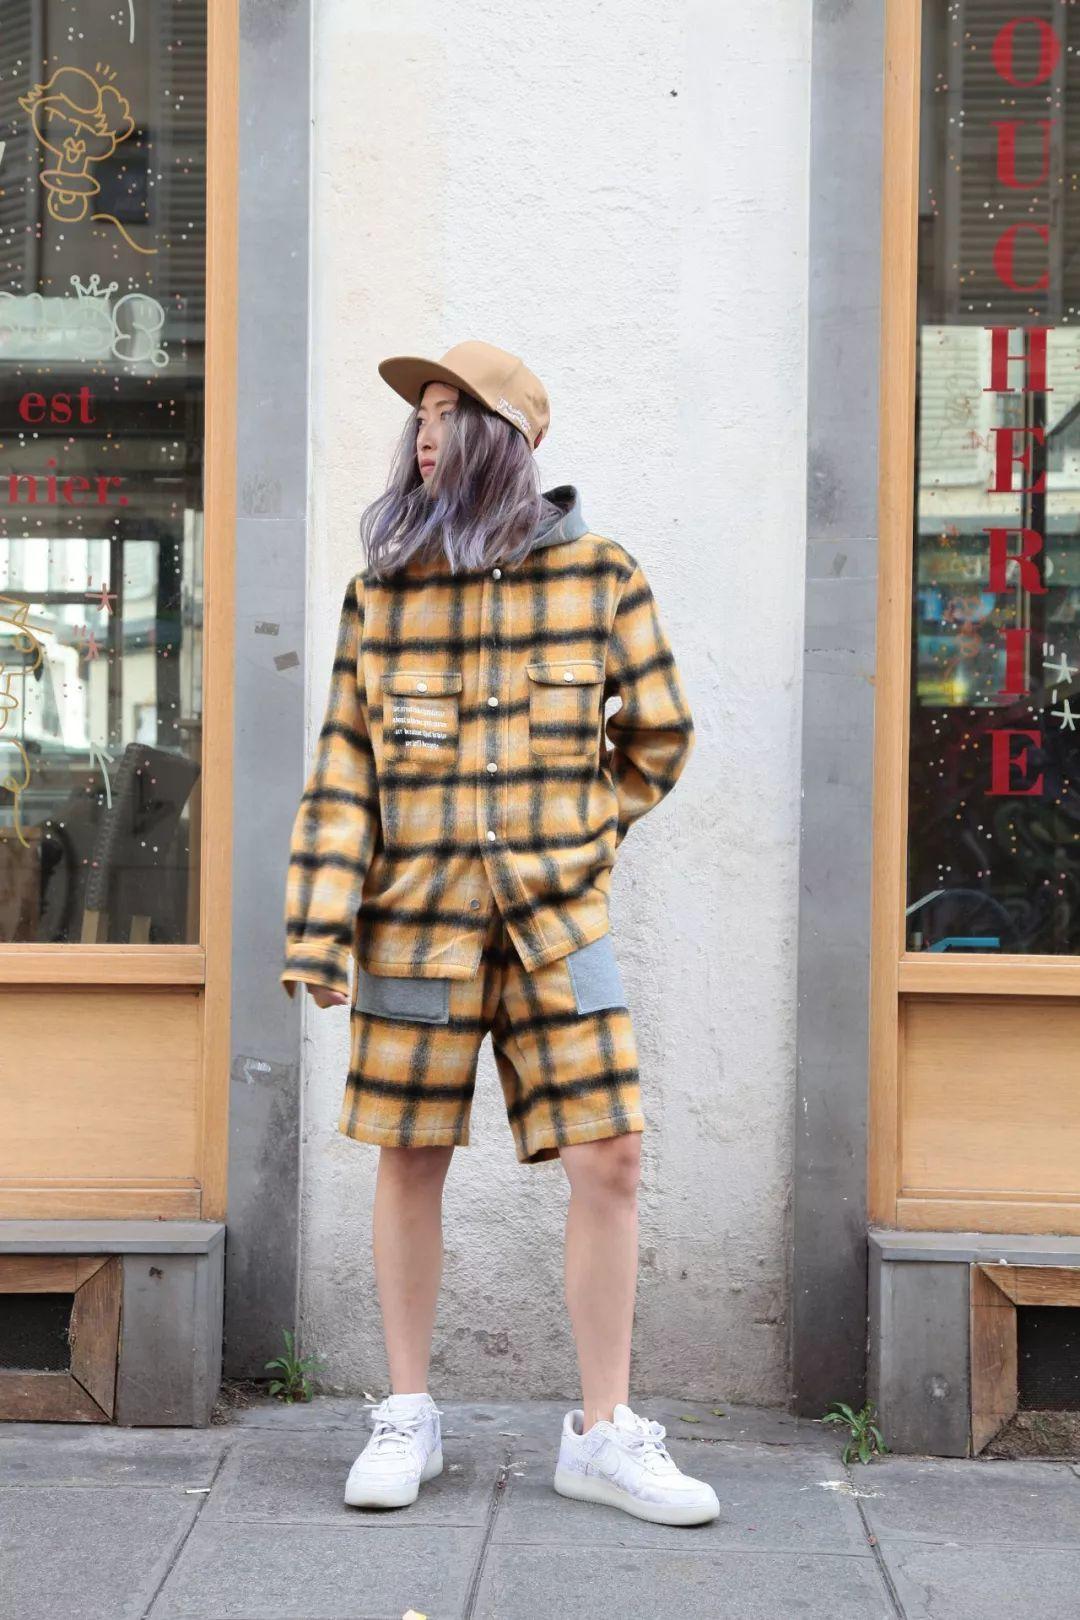 陈冠希出镜:Clot 2019春夏型录Lookbook各版曝光,发售指南!